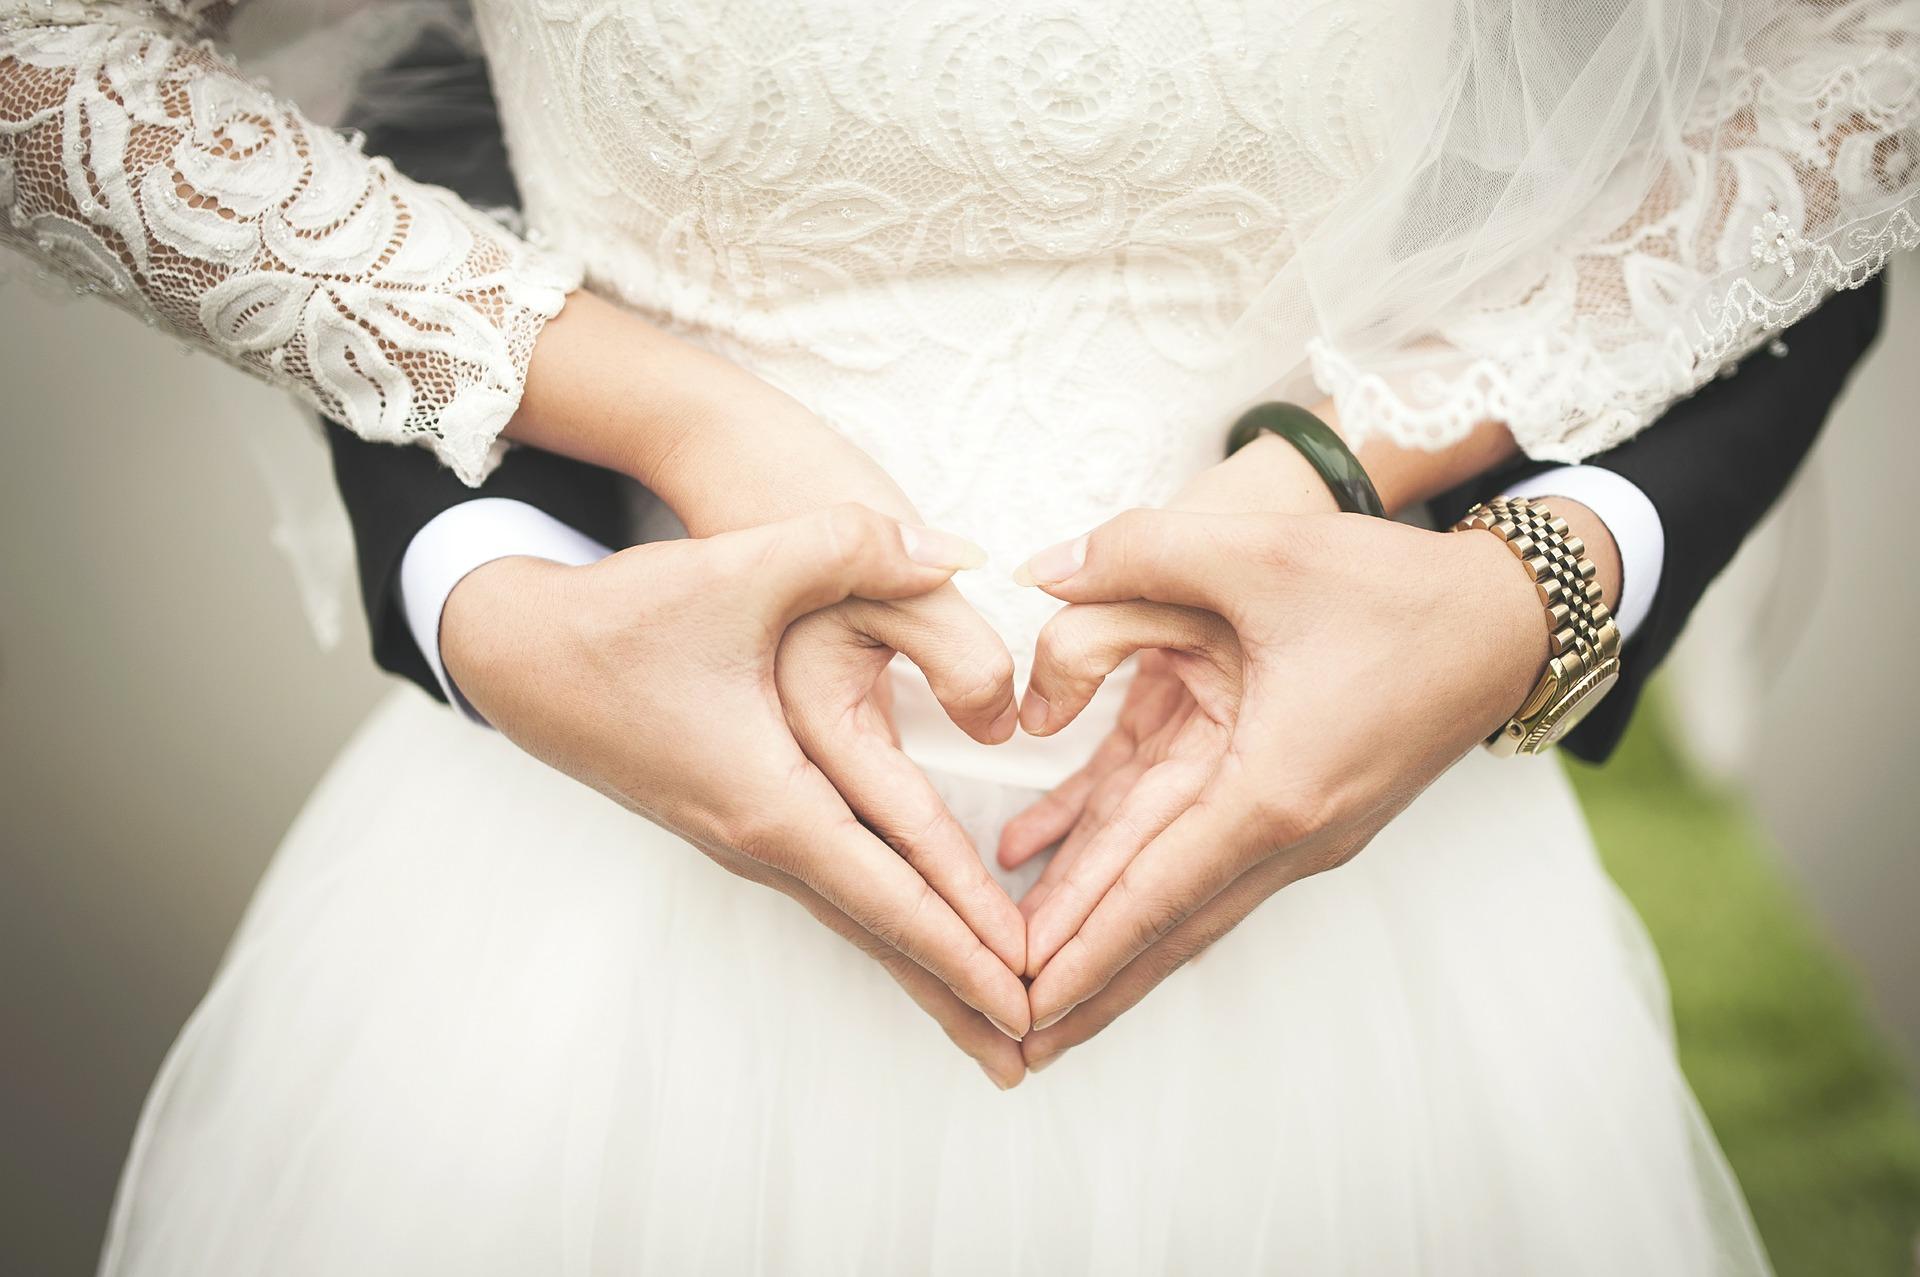 ตรวจสุขภาพก่อนแต่งงาน